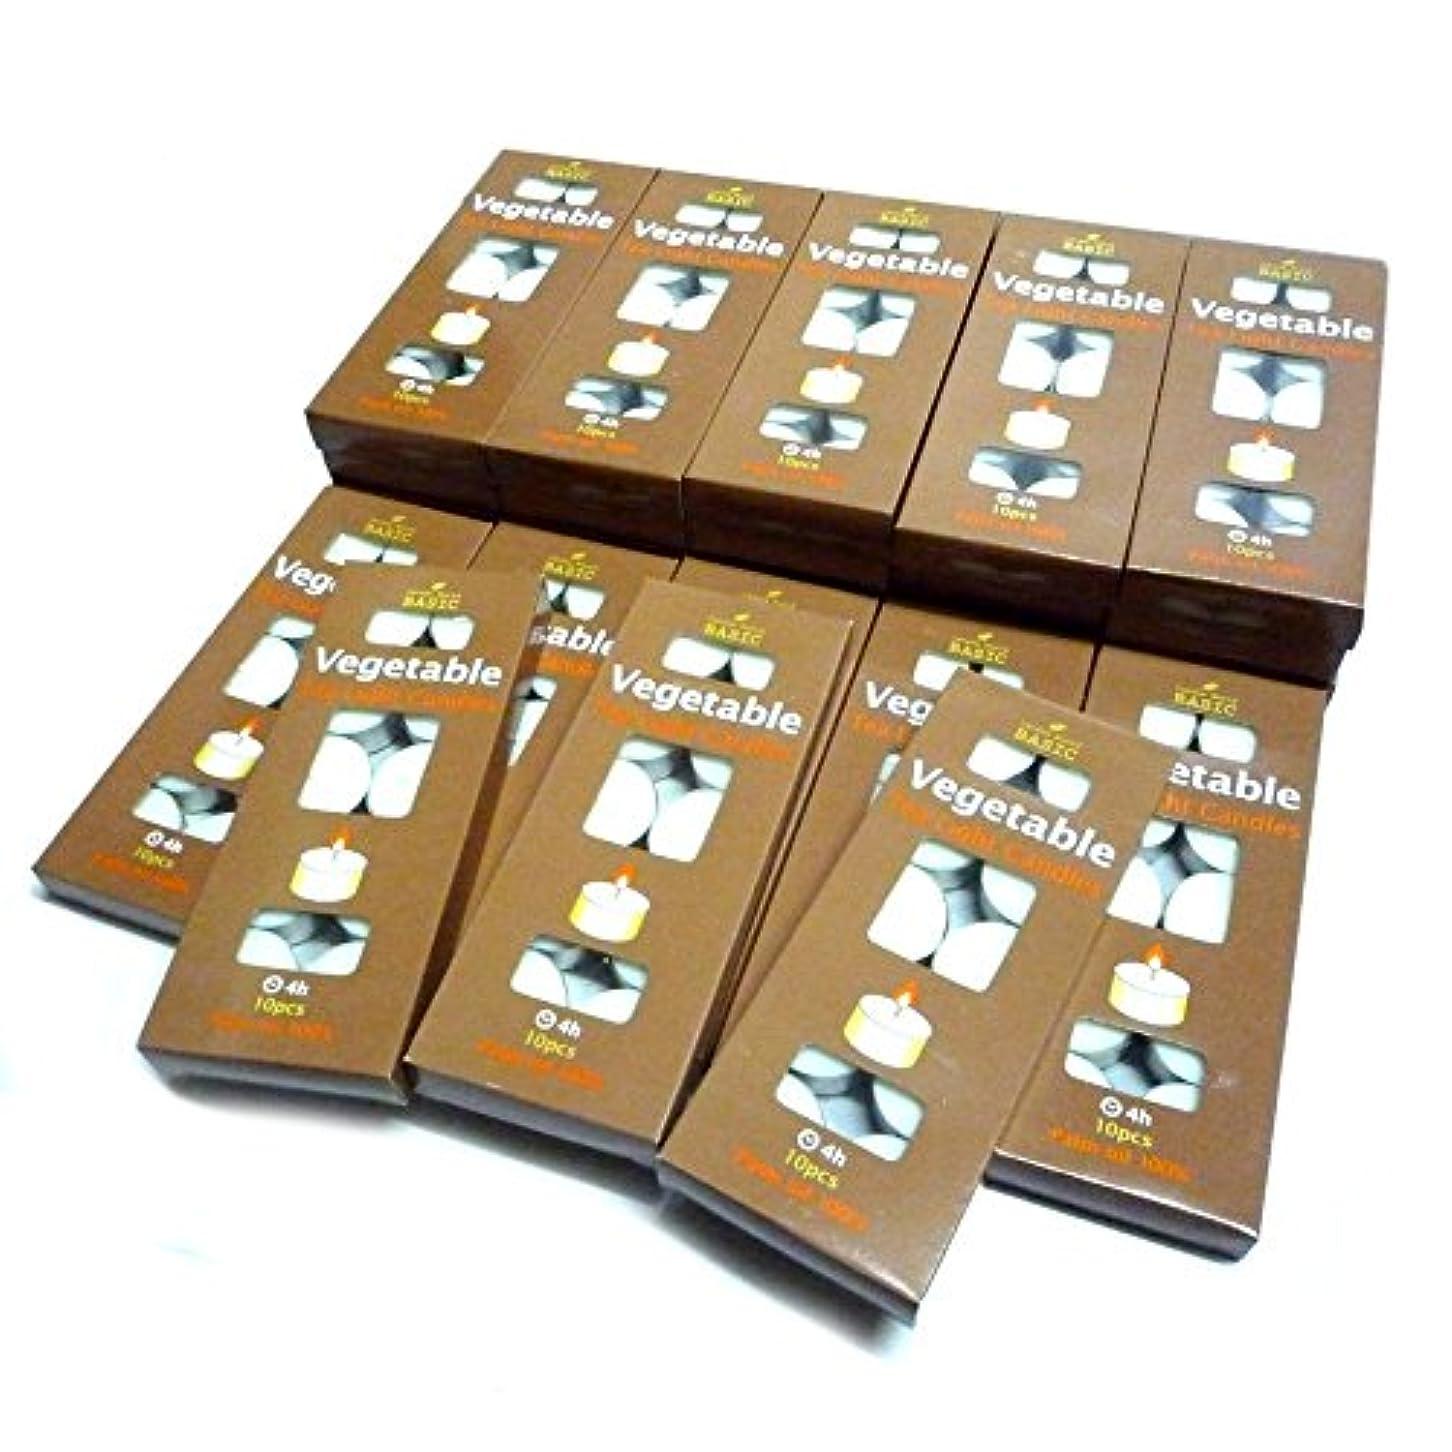 反対コカインプログラム【50セット】 ベジタブルティーライト キャンドル (10個入)